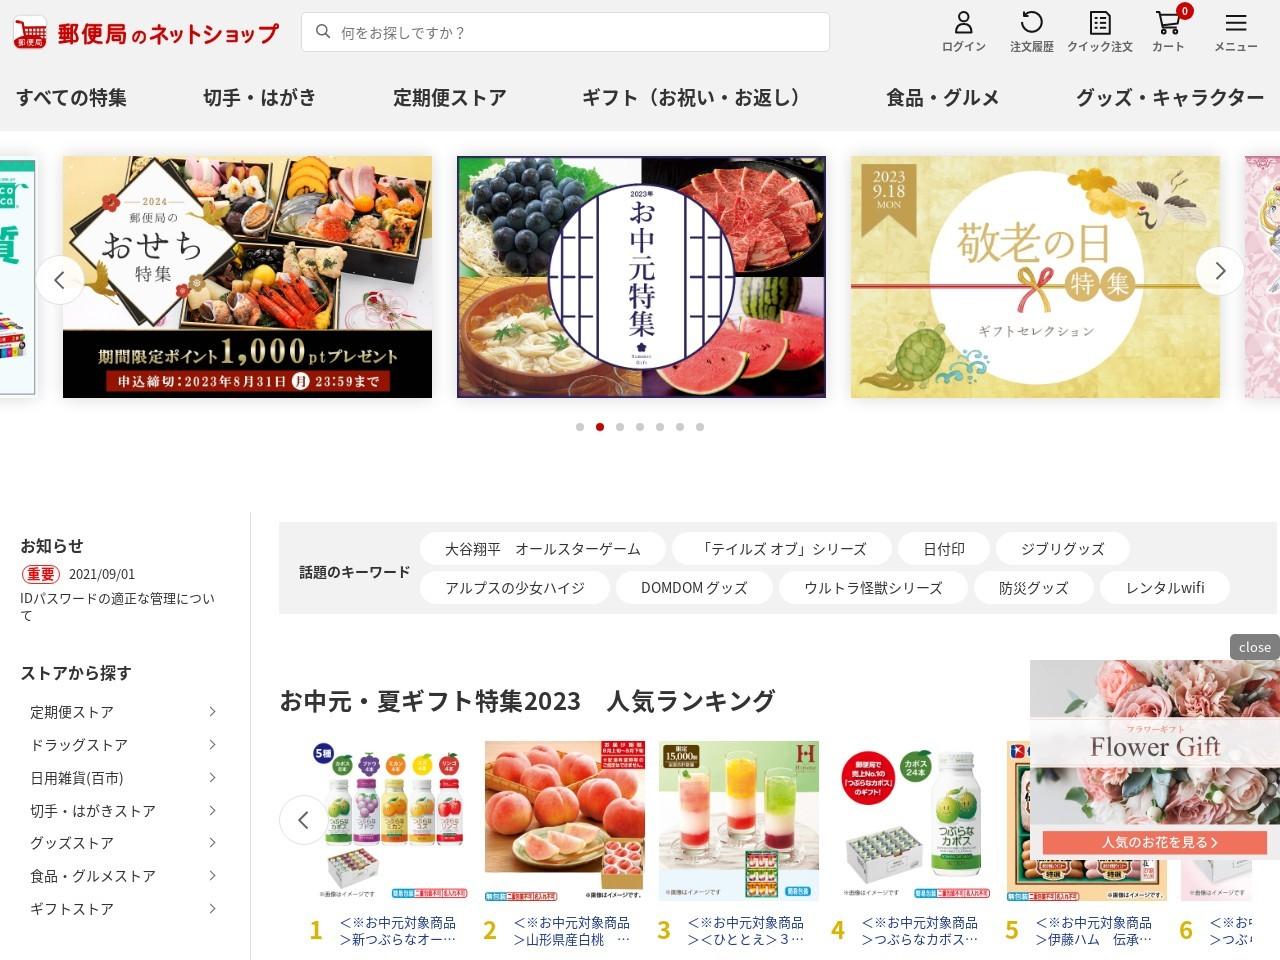 こどもの日ギフト|郵便局のネットショップ